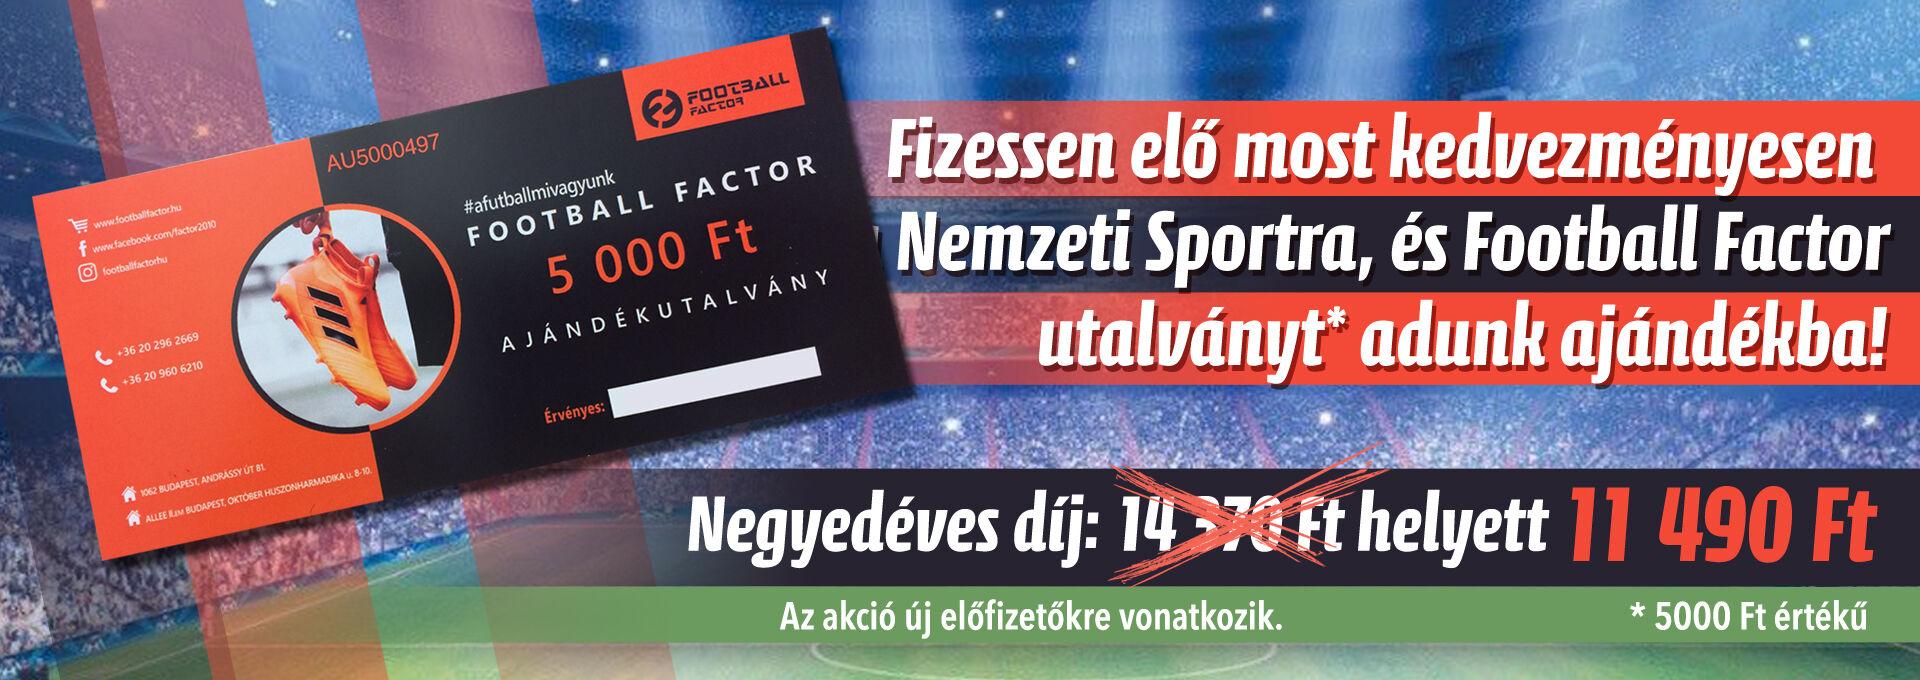 Nemzeti Sport + Football Factor utalvány